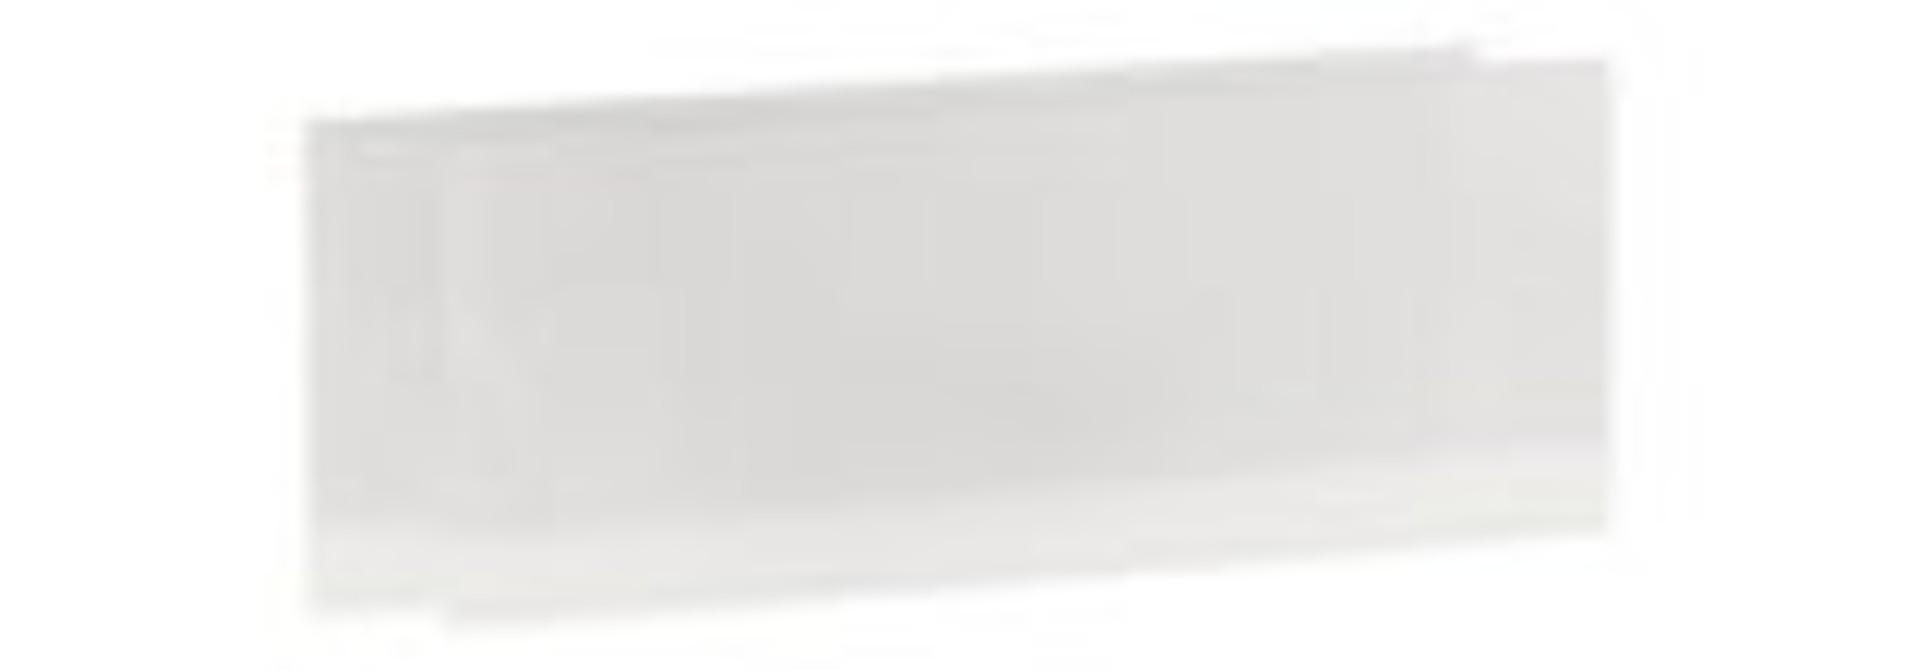 Warre glas/plexi voor romp met kijkraam